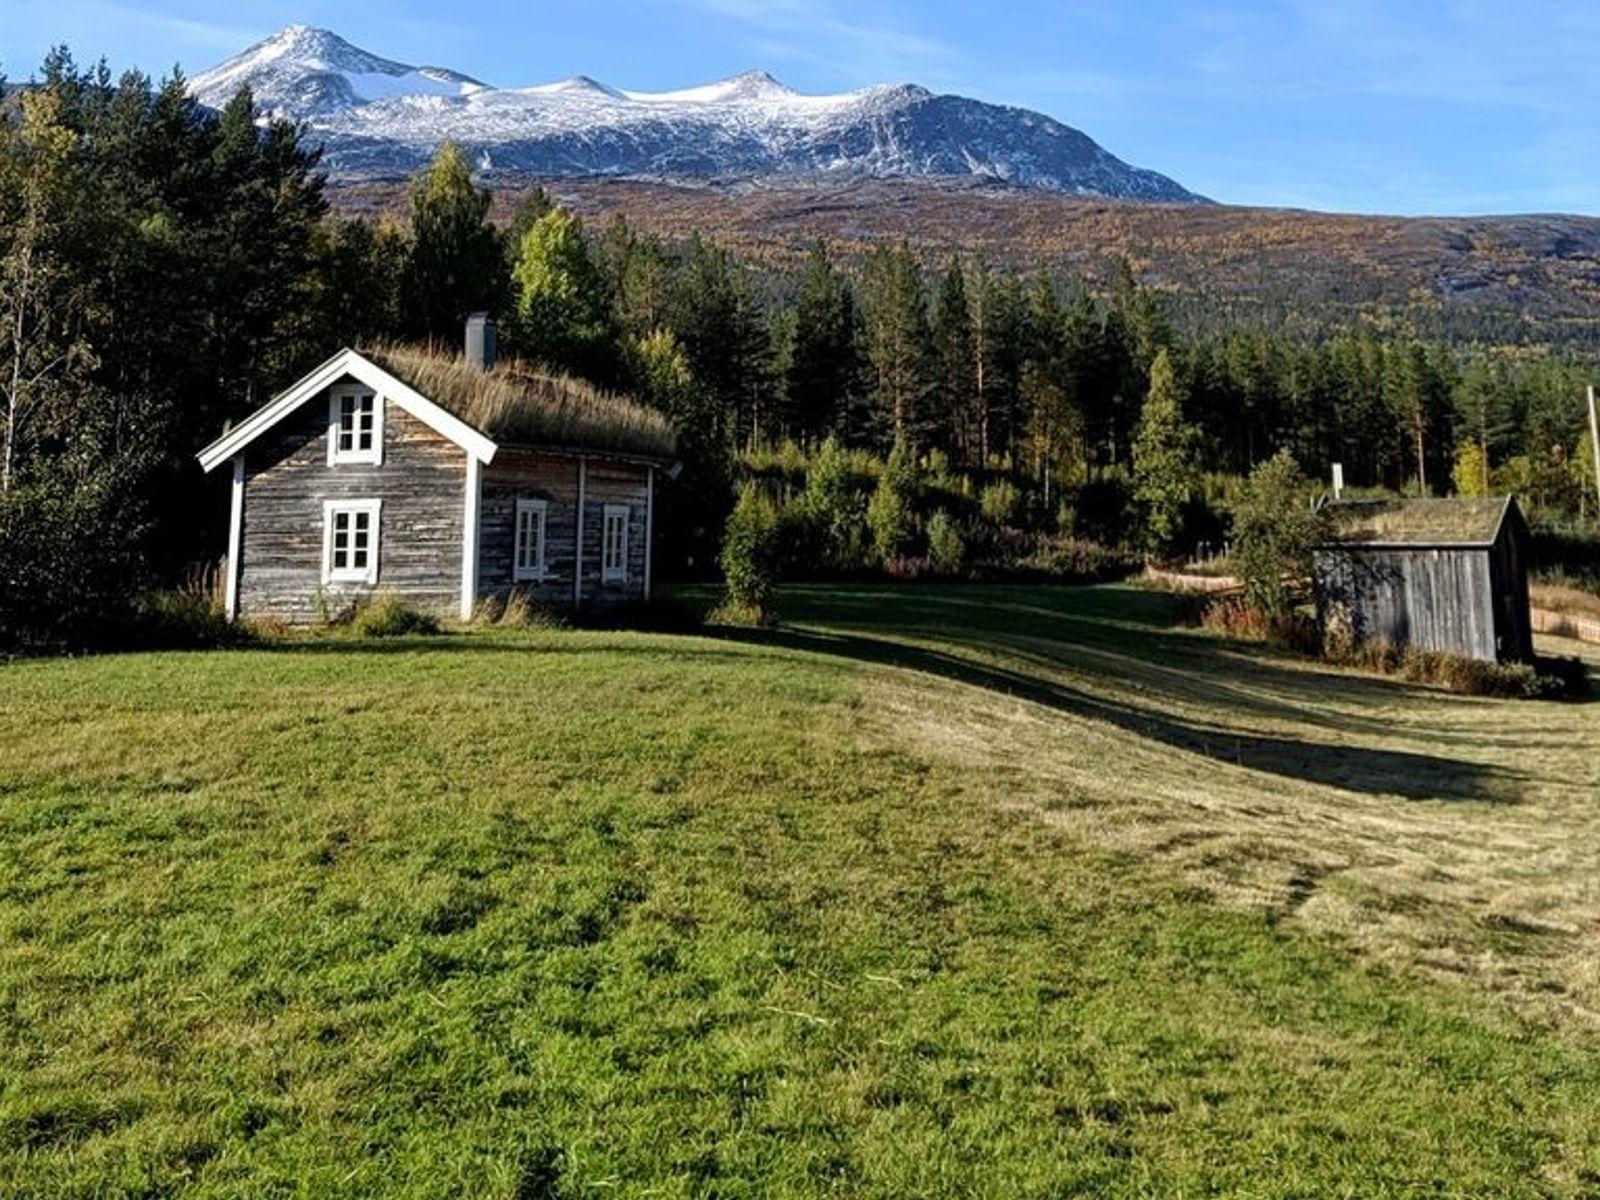 Der Saltfjellet-Svartisen-Nationalpark liegt direkt am Polarkreis. Die Topografie dieser Region ist vielfältig, von hohen Bergen und ...